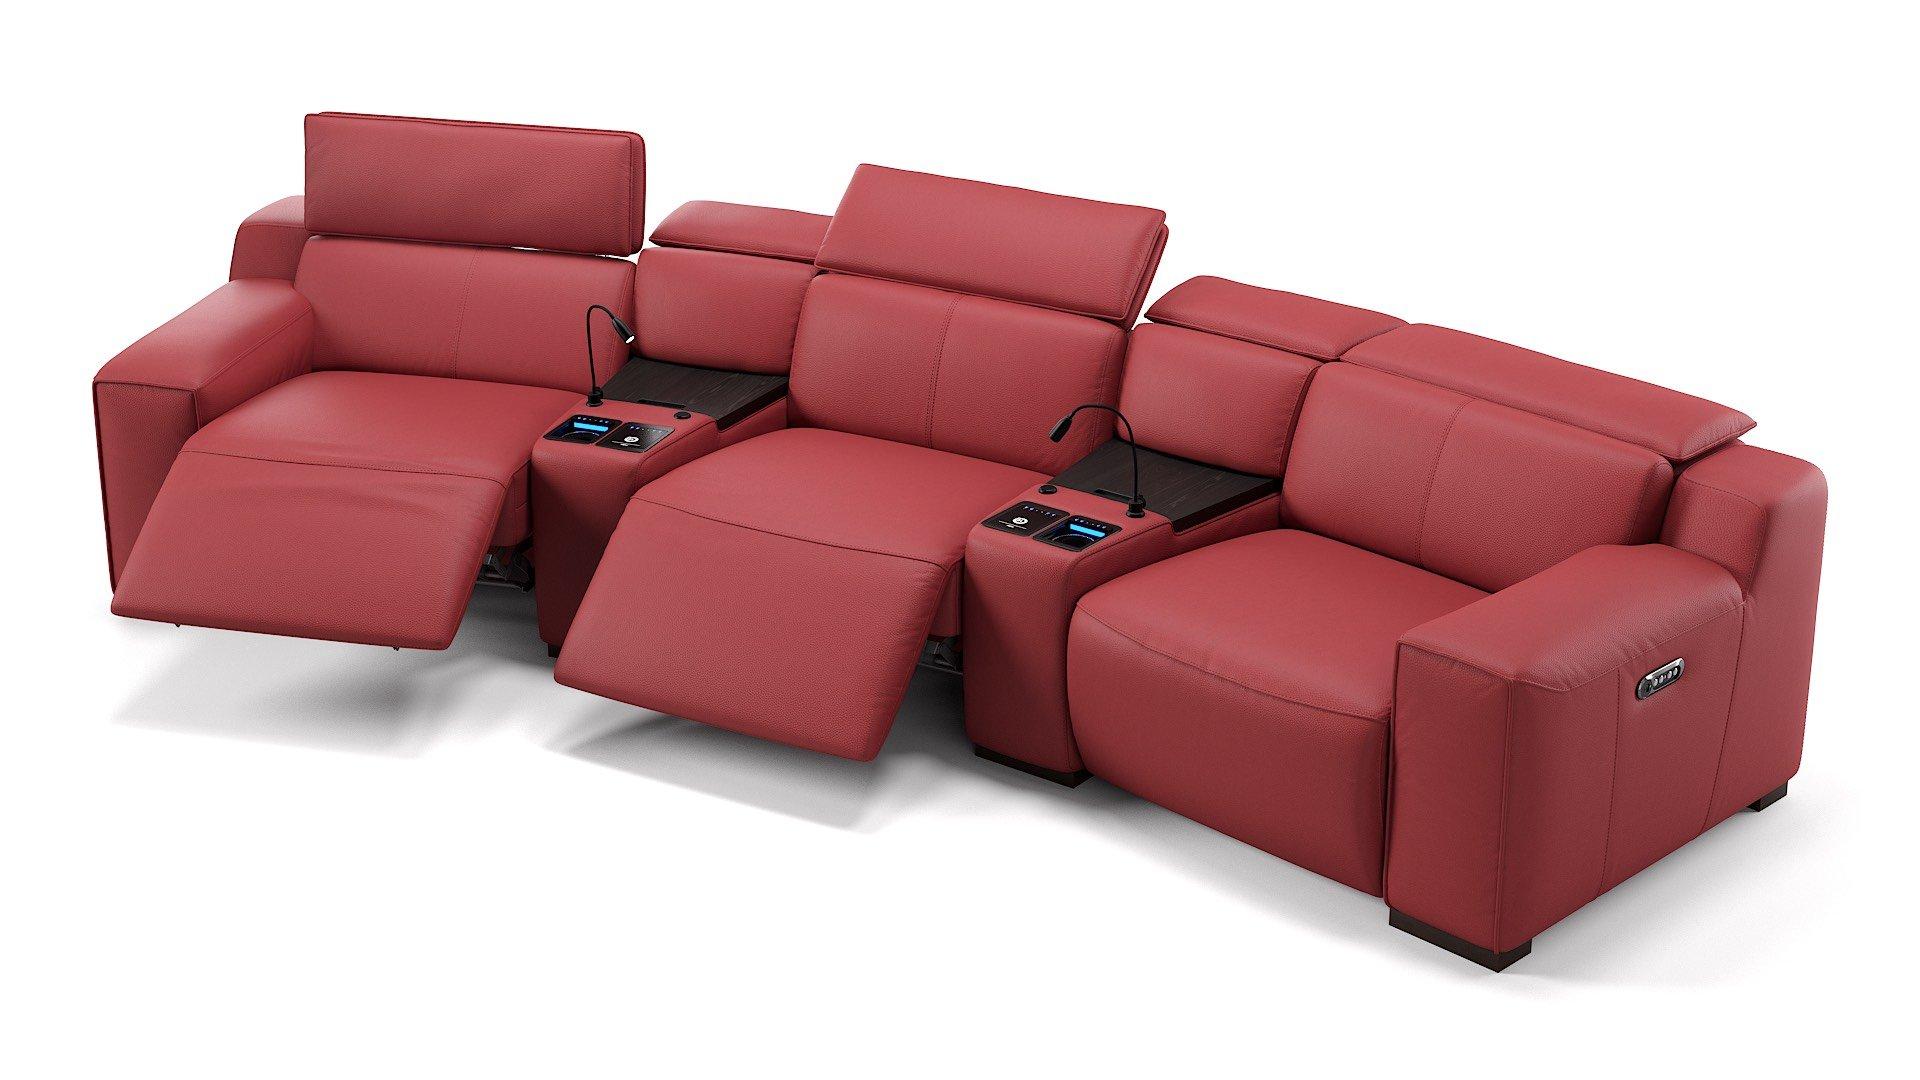 Leder 3-Sitzer Kinosofa mit zwei Mittelkonsolen LORETO